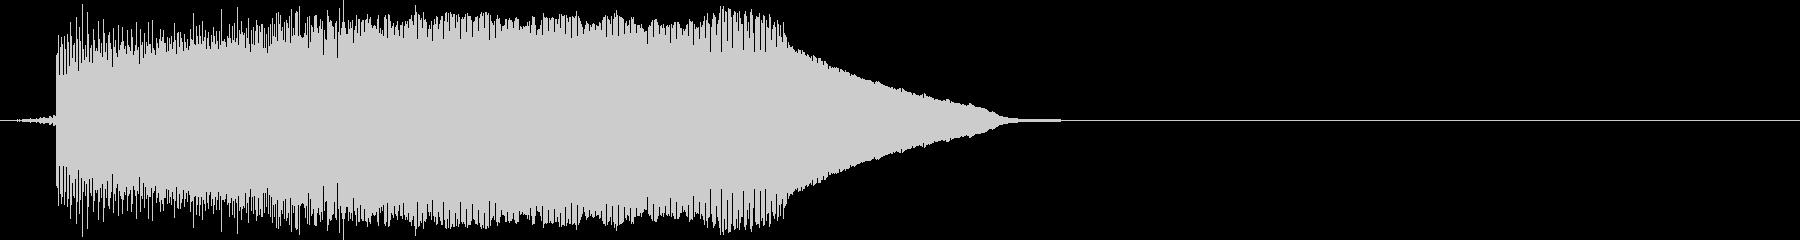 AMGアナログFX 33の未再生の波形